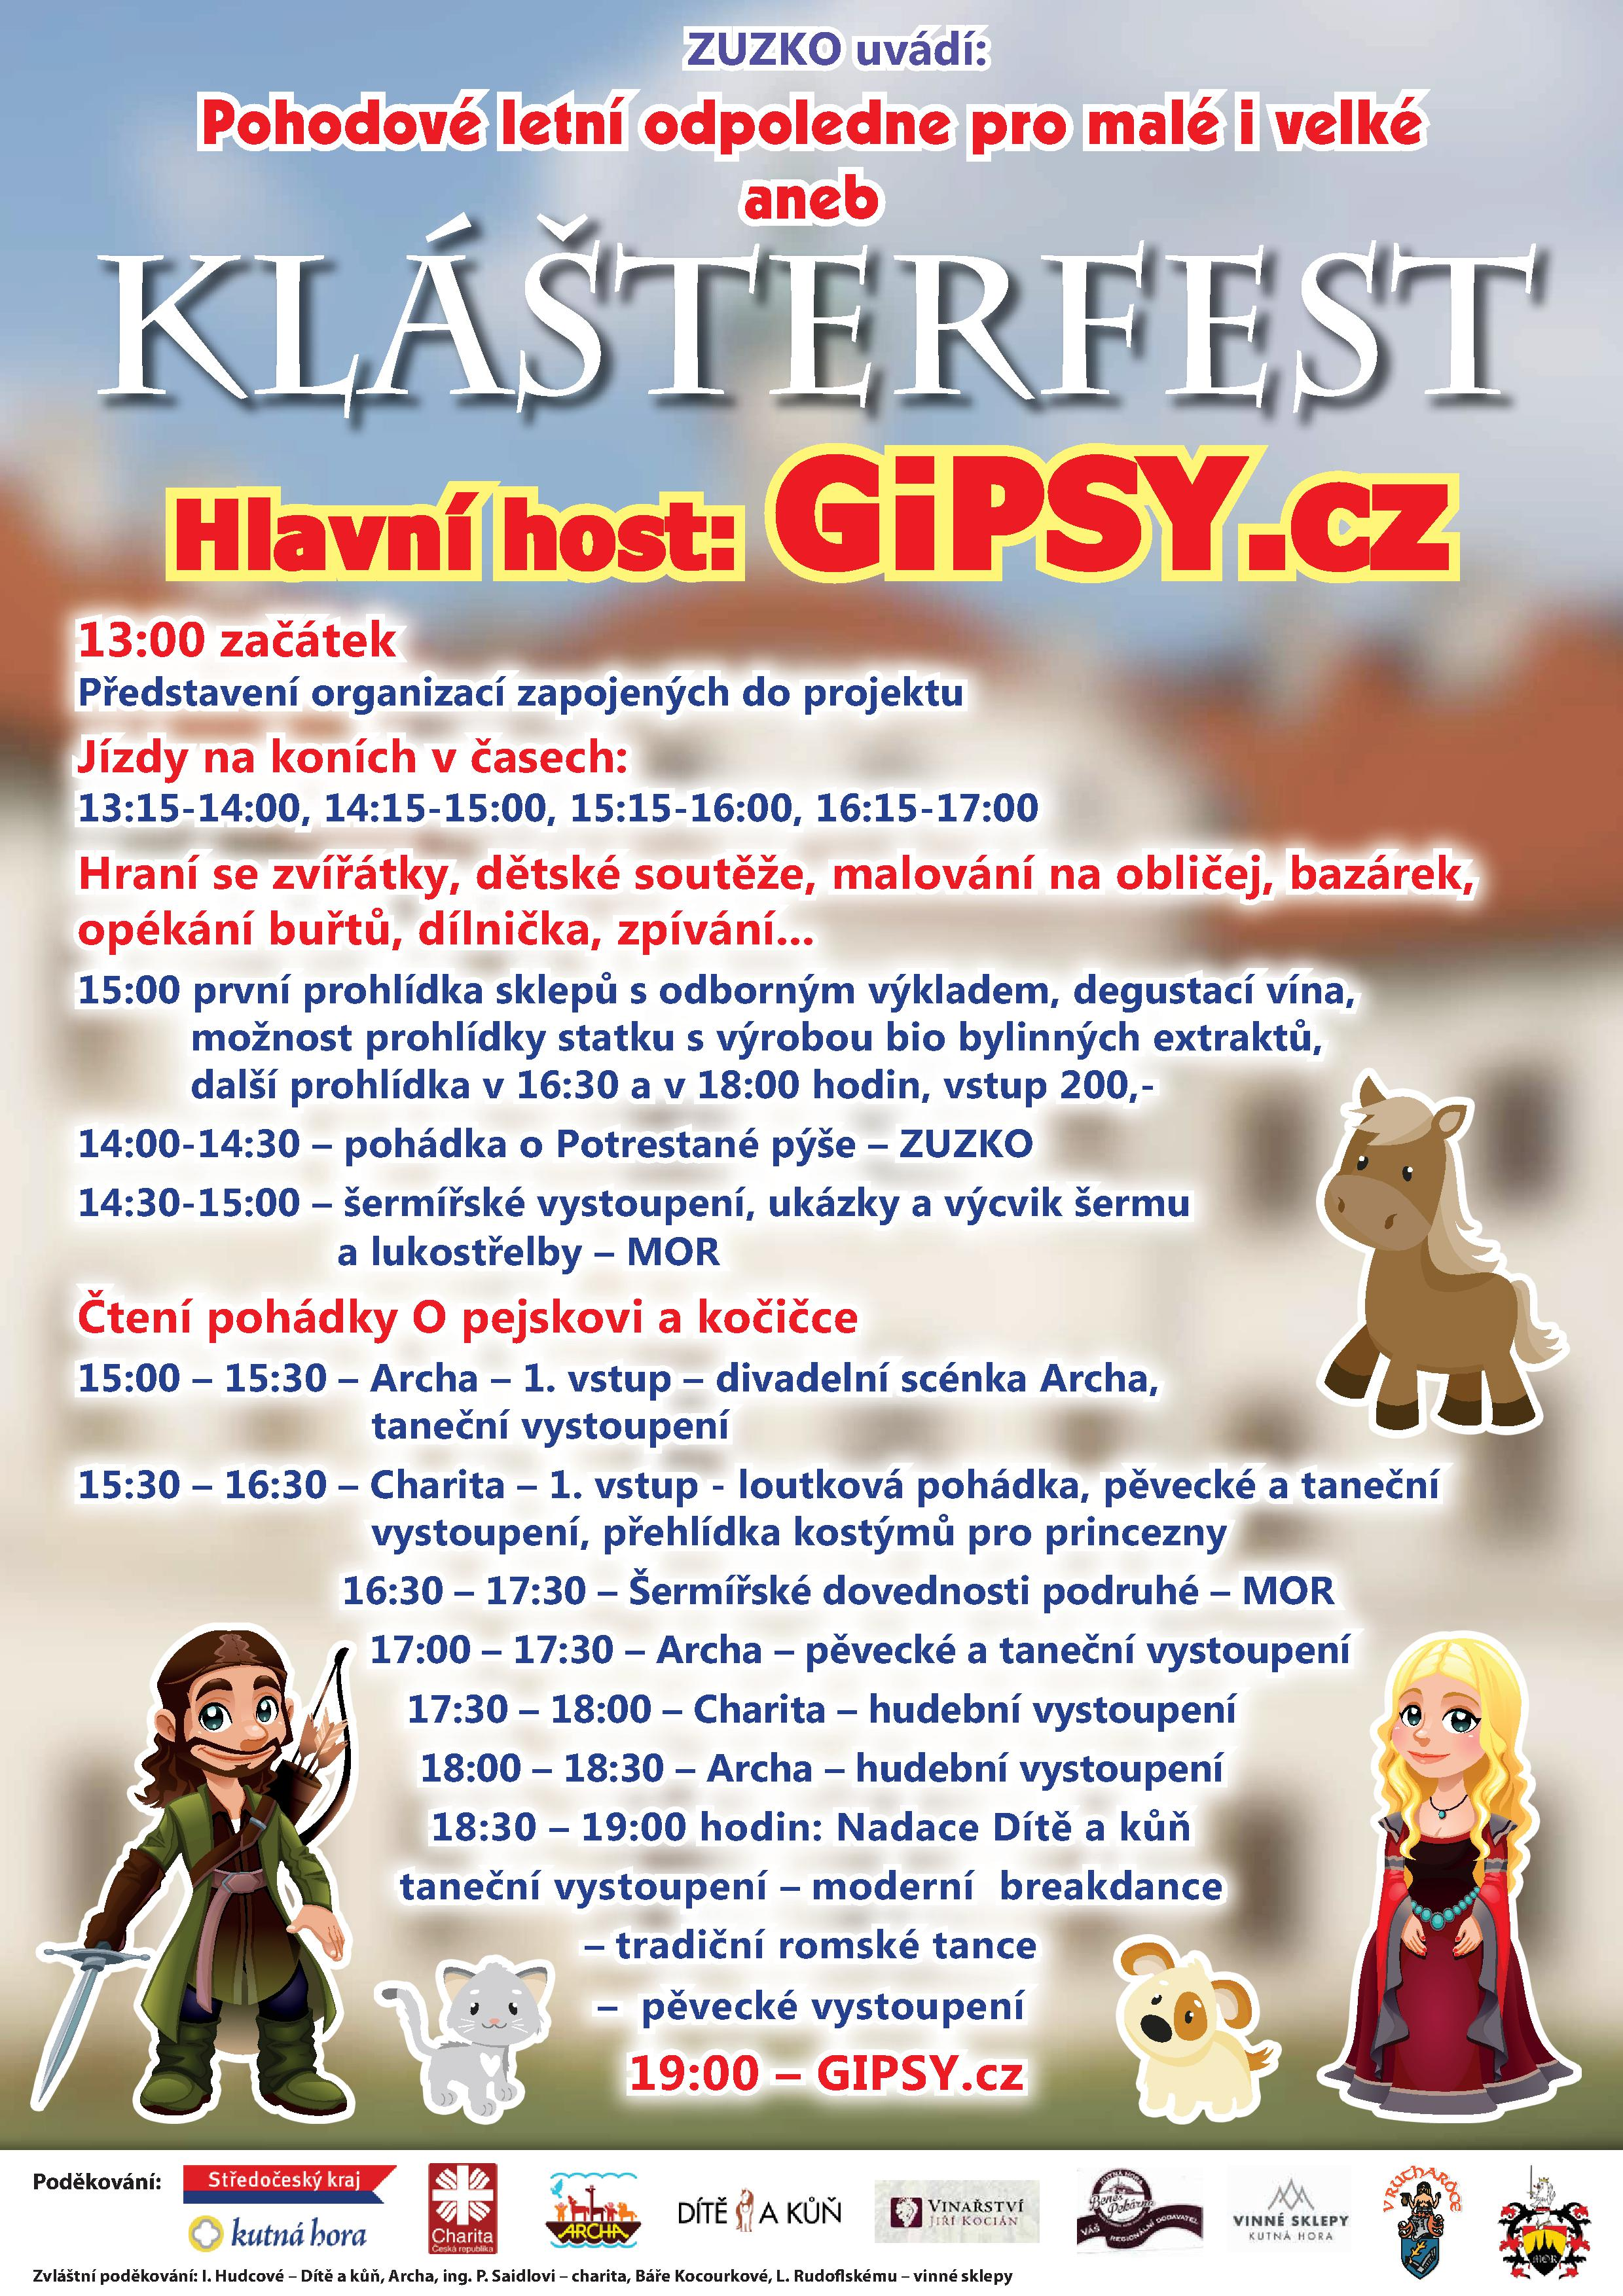 3685-plakat-klasterfest-2-nahled.jpg